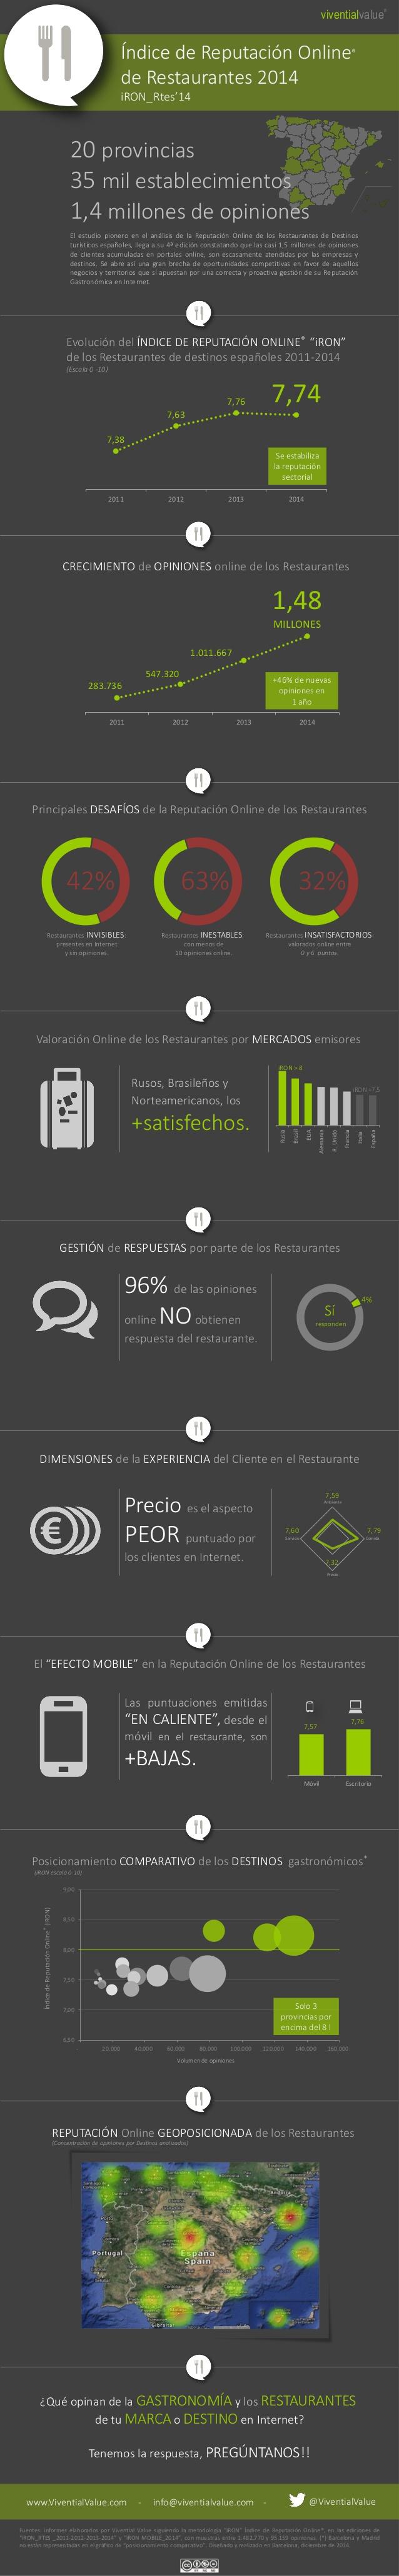 Reputación Online de Restaurantes españoles 2014